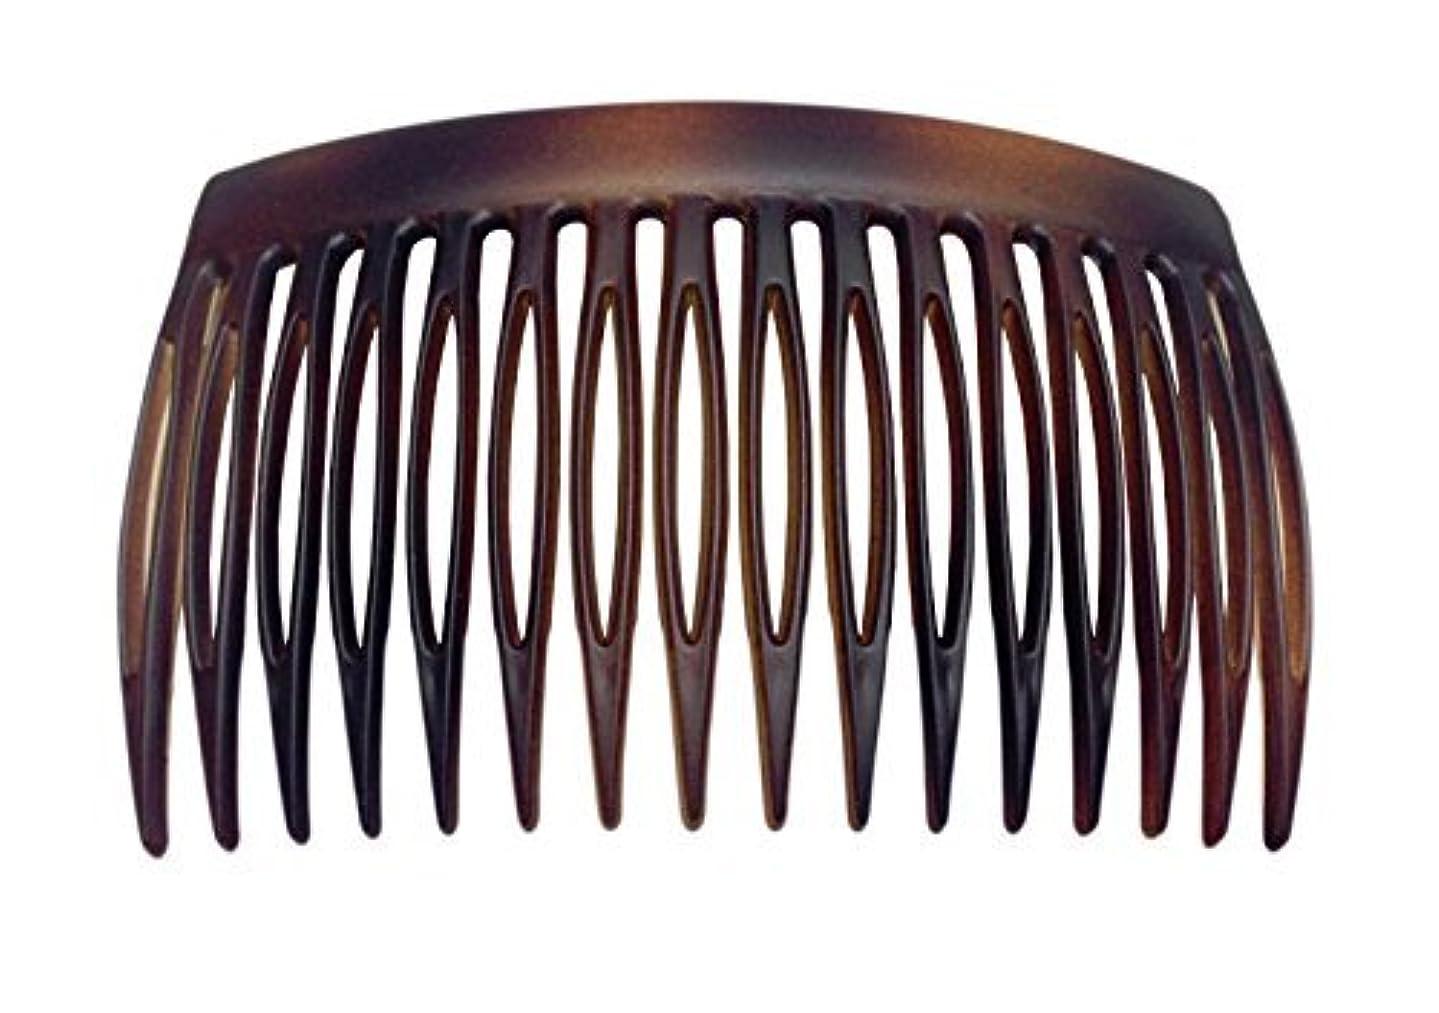 救い樹皮宙返りParcelona French 2 Pieces Matte Finish Celluloid Shell Good Grip 16 Teeth Hair Side Combs -2.75 Inch (2 Pcs) [...